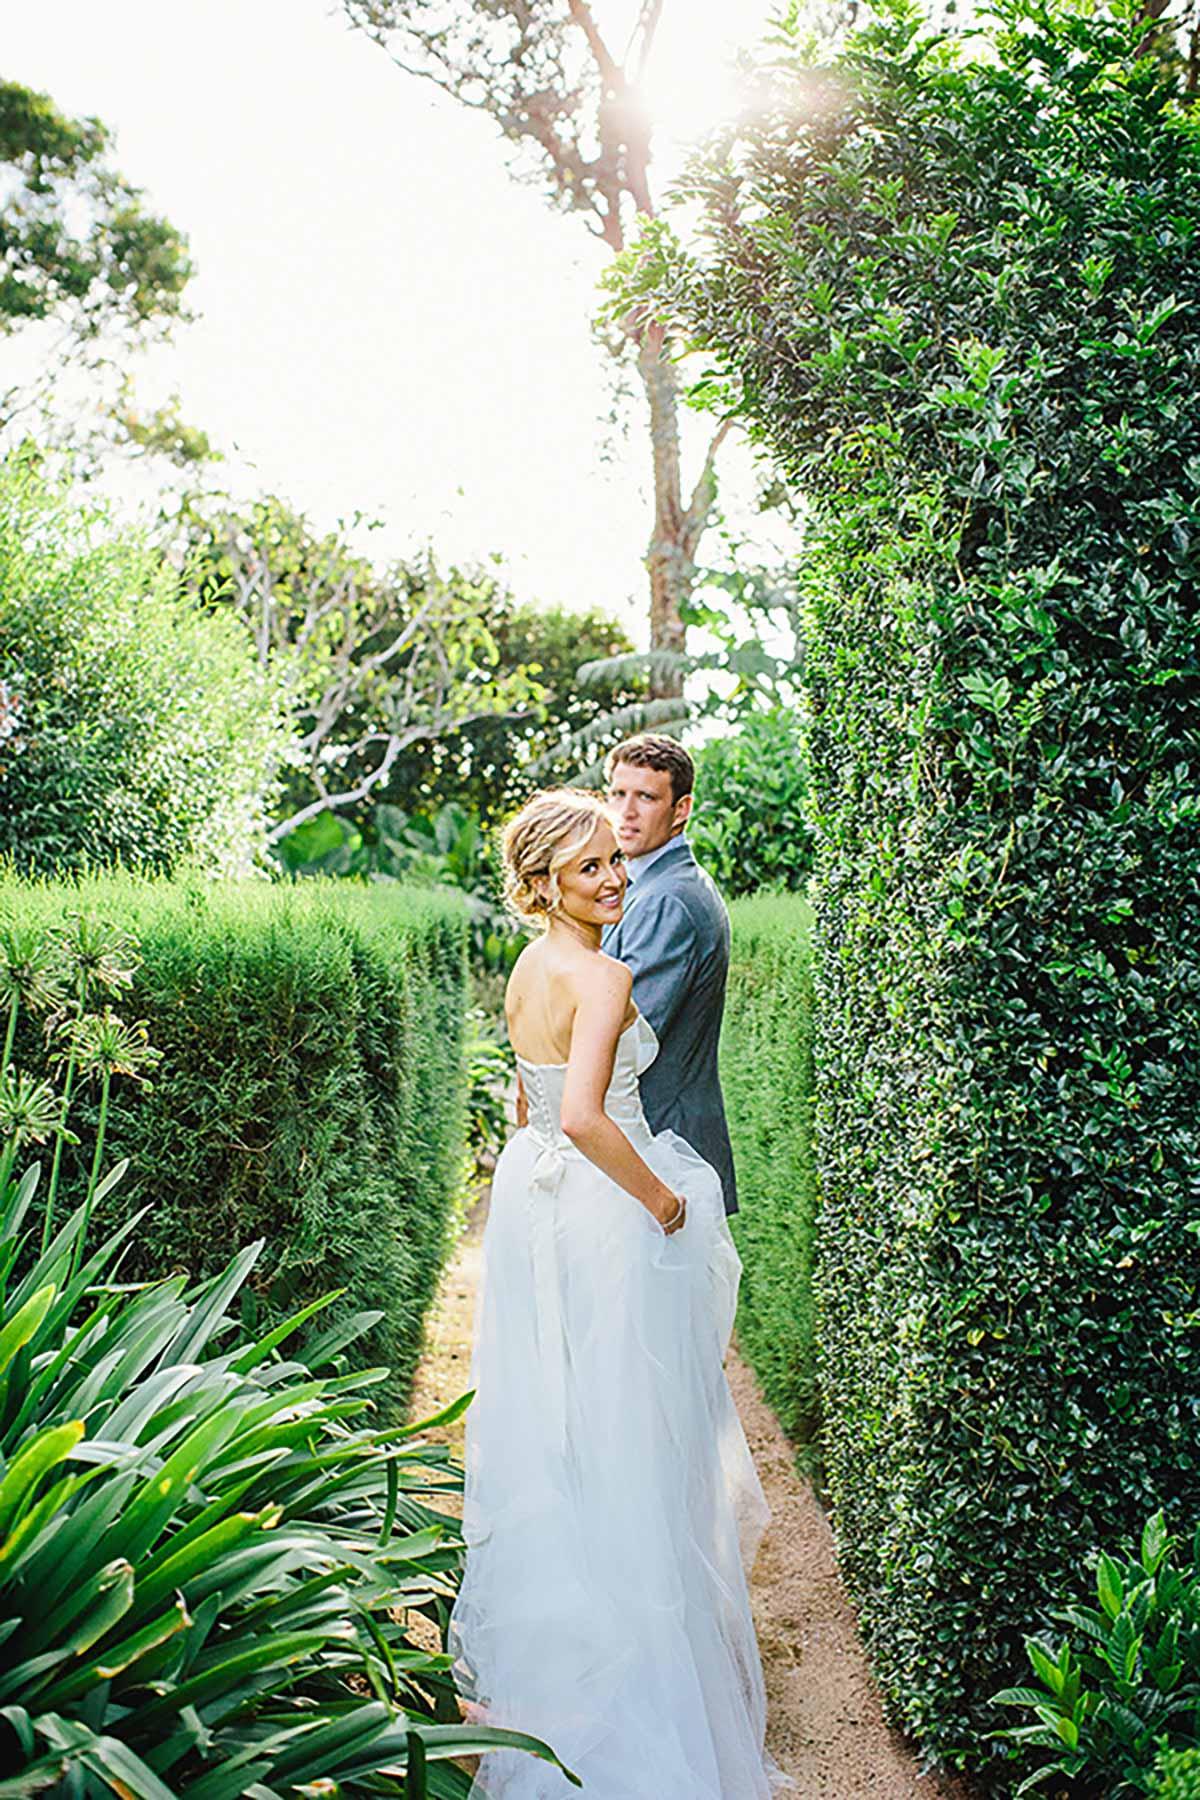 jeres bryllup i Nordjylland